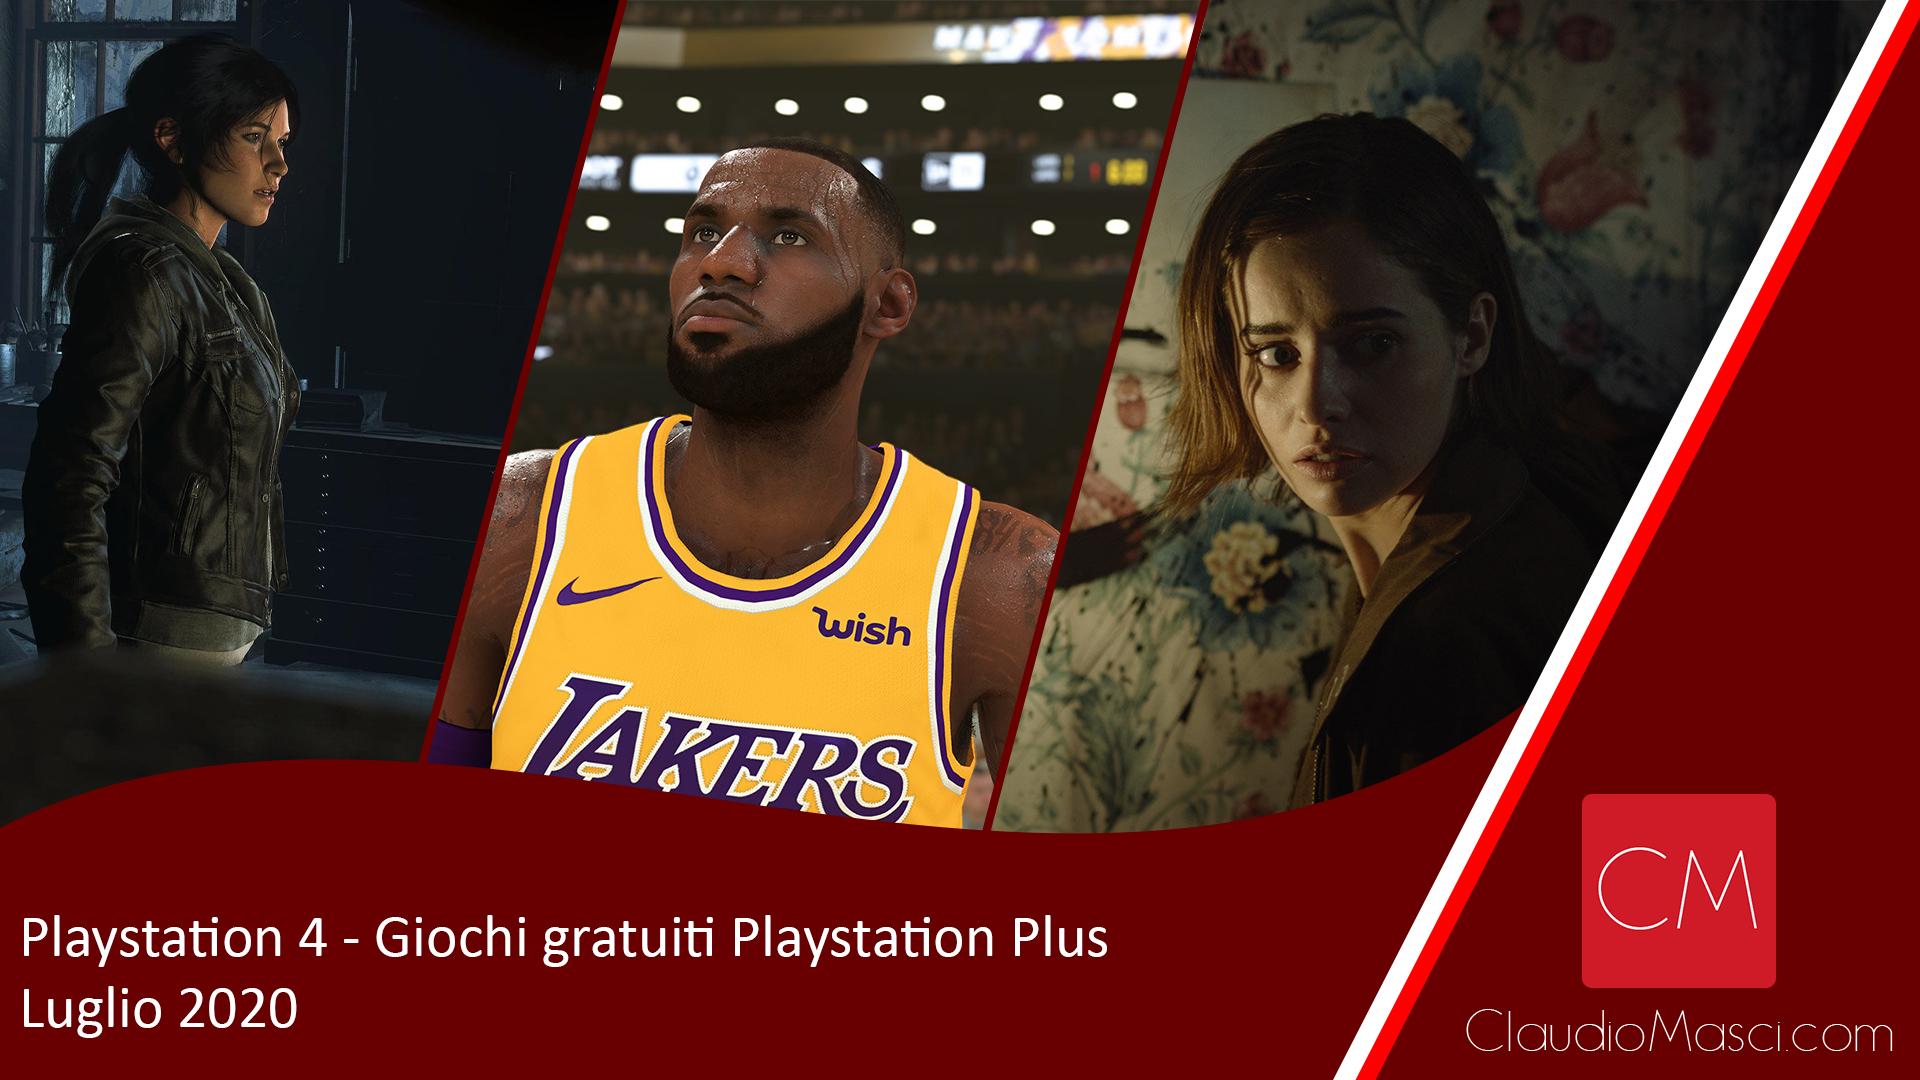 Giochi gratuiti PS Plus Luglio 2020 – Playstation Plus Luglio 2020